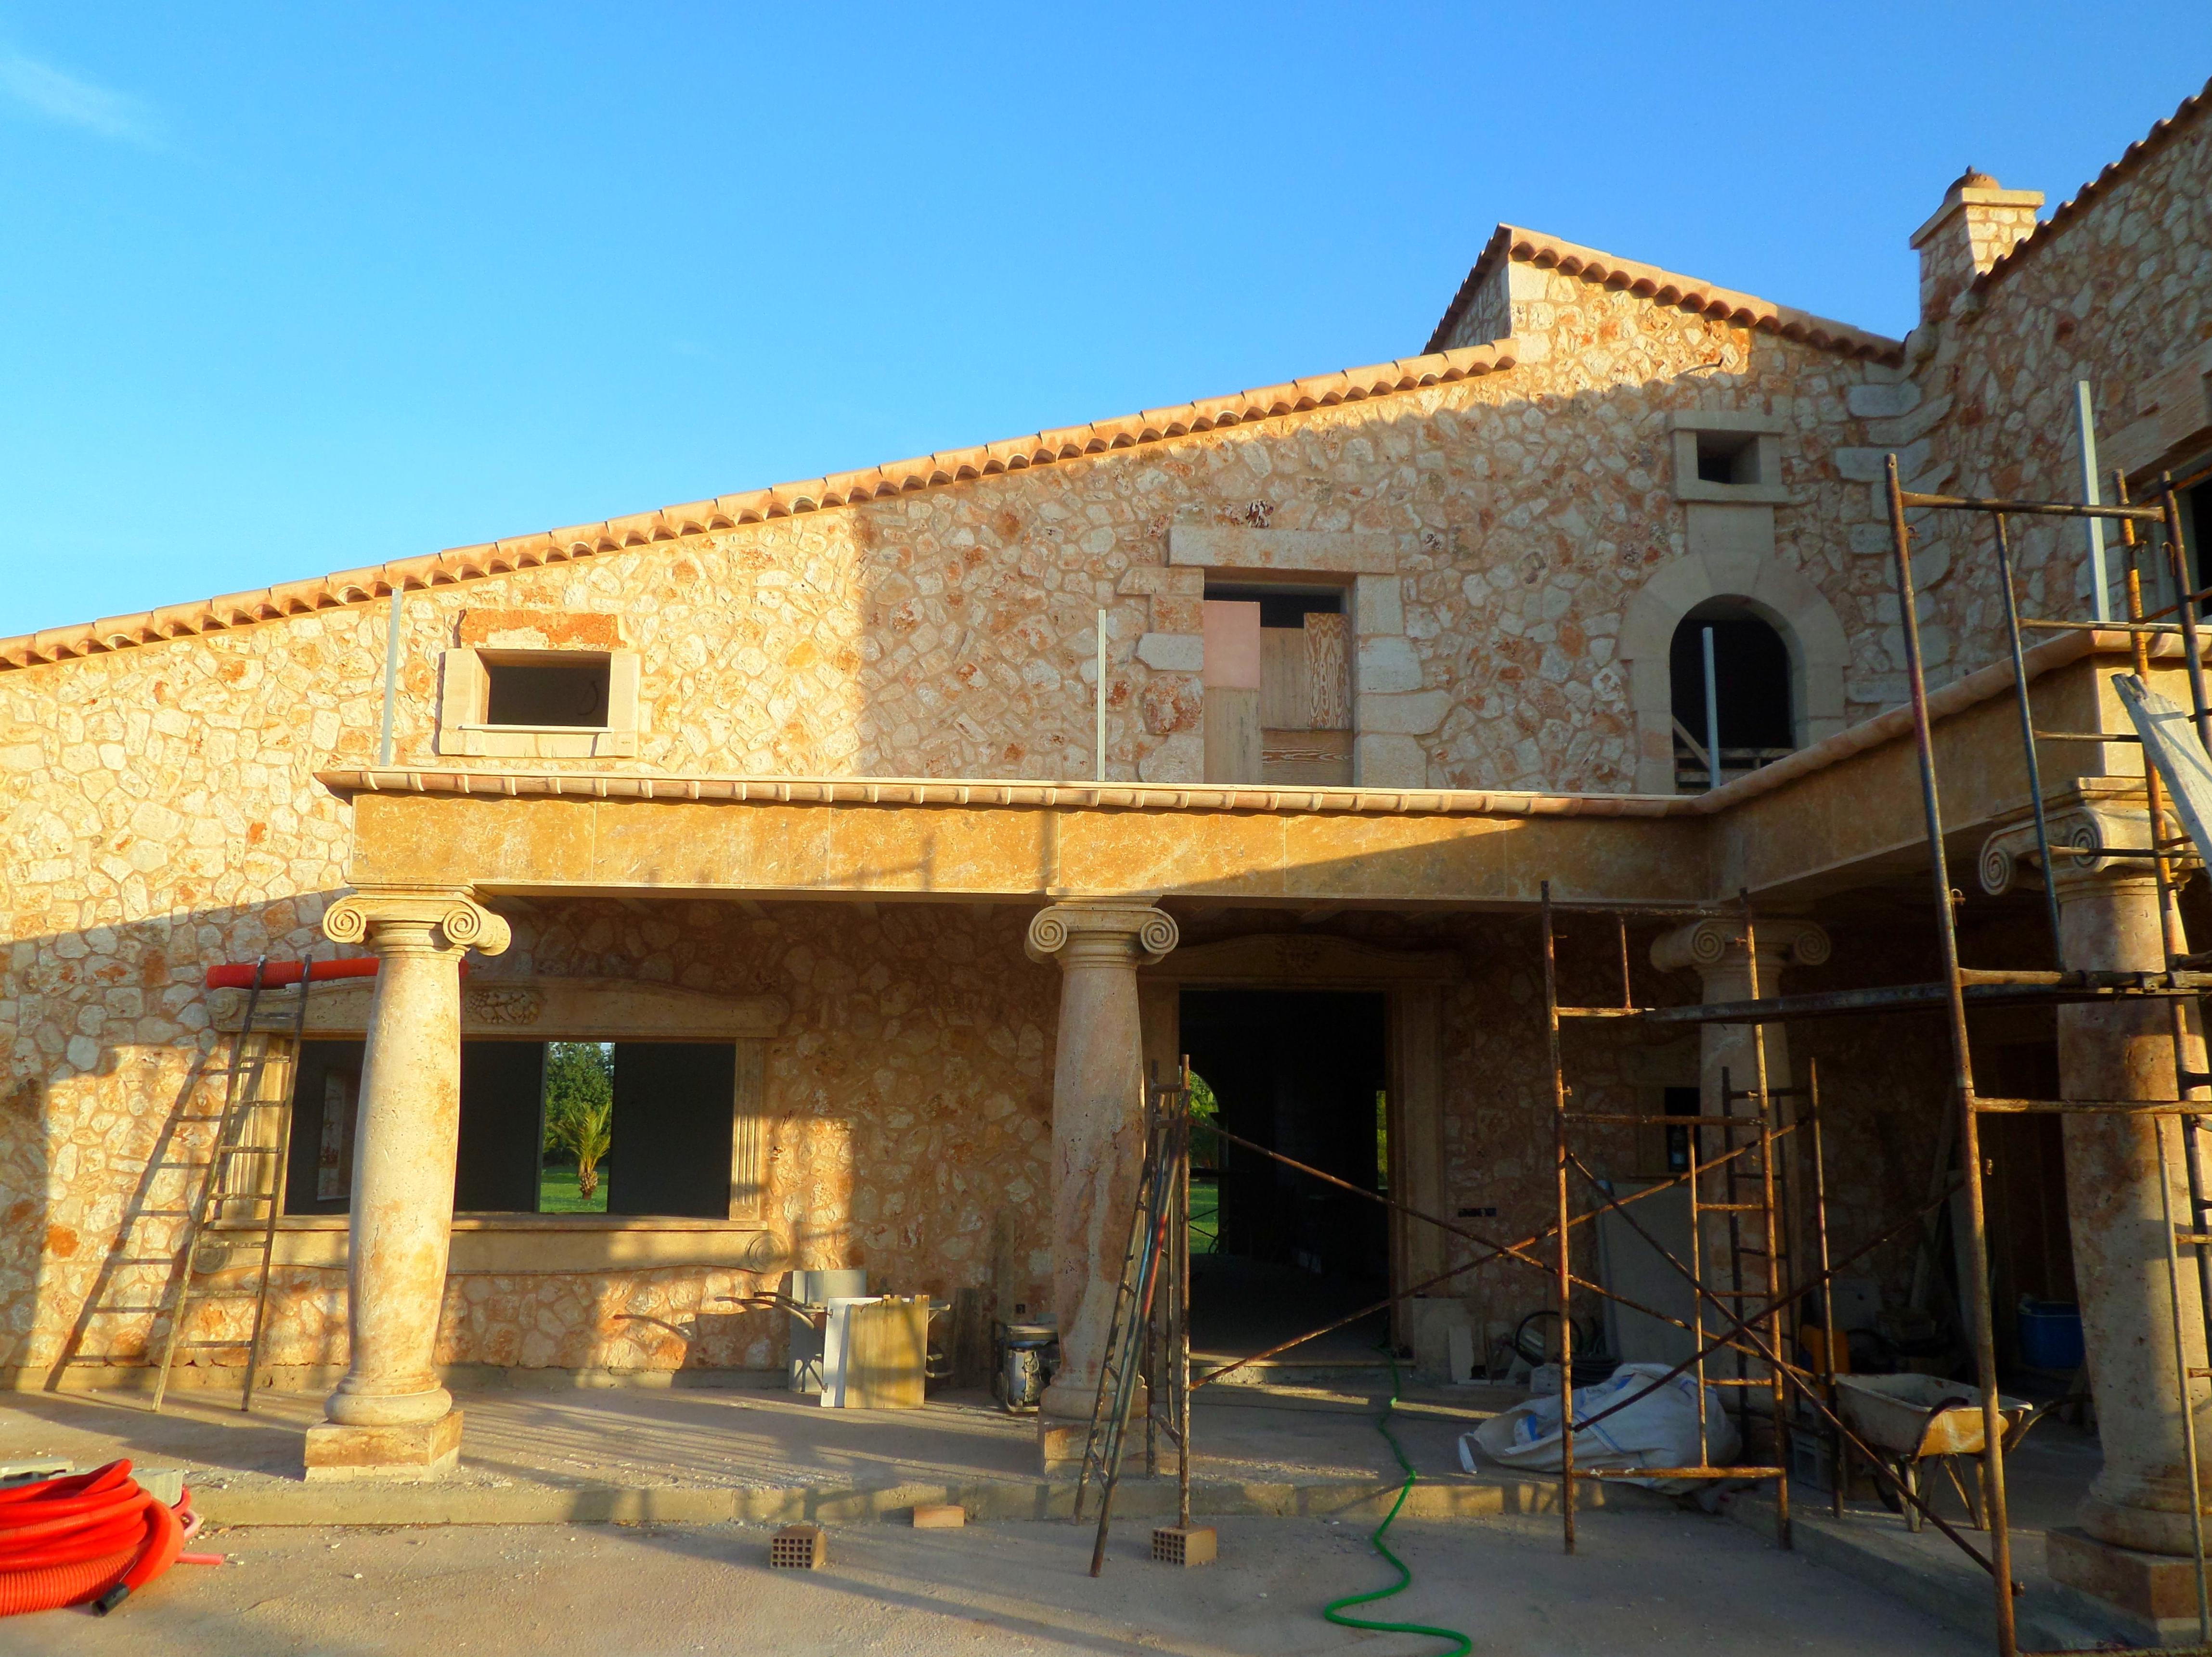 Detalle de fachada y porche